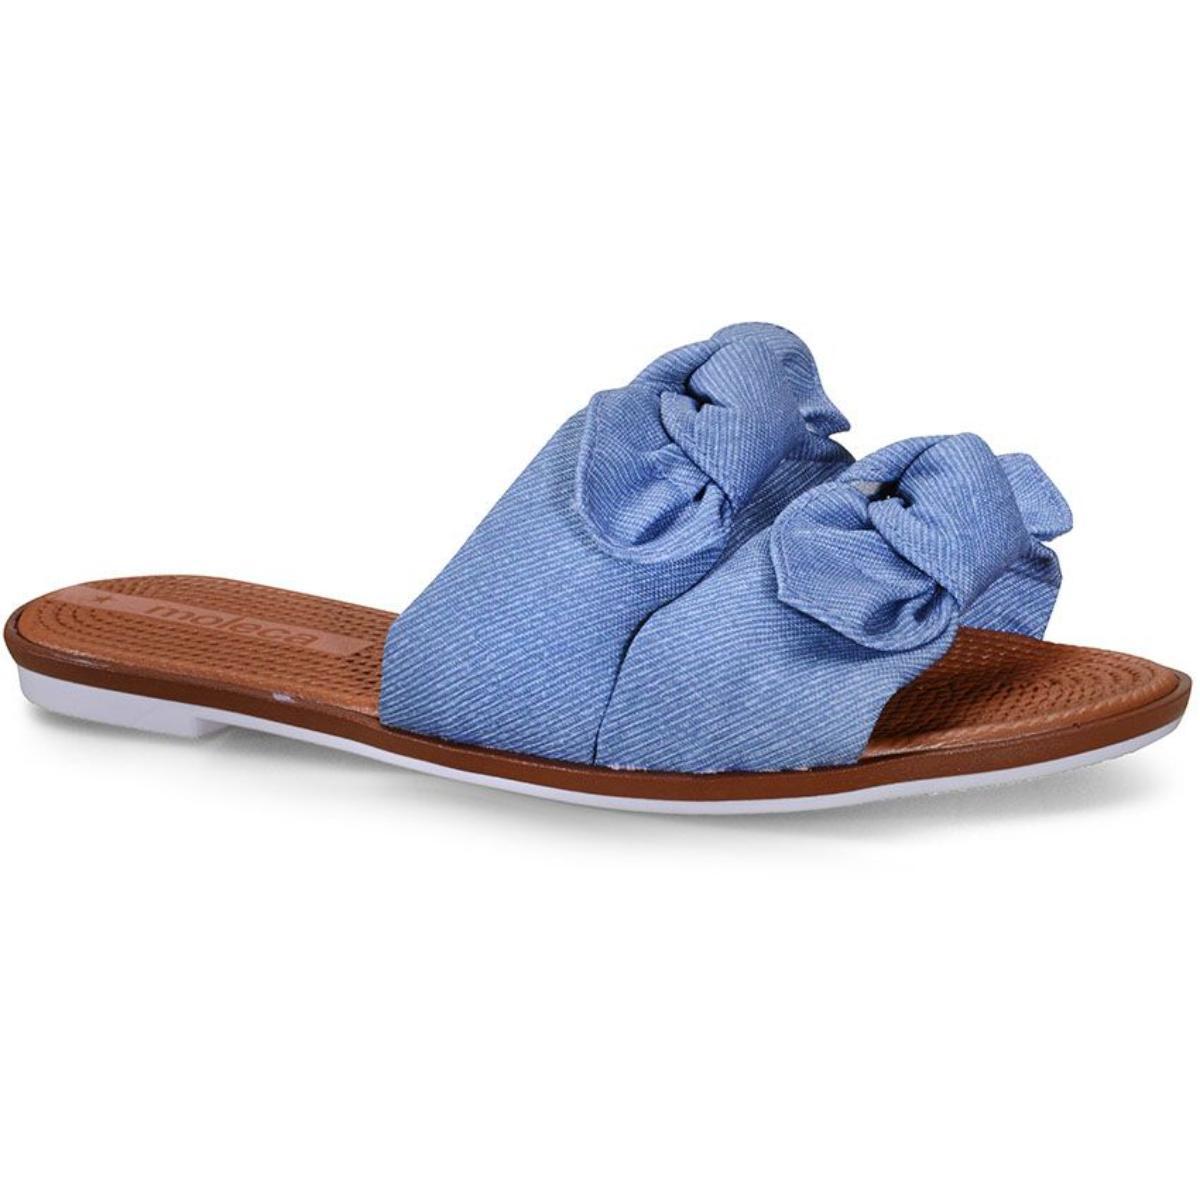 Tamanco Feminino Moleca 5297424 Jeans